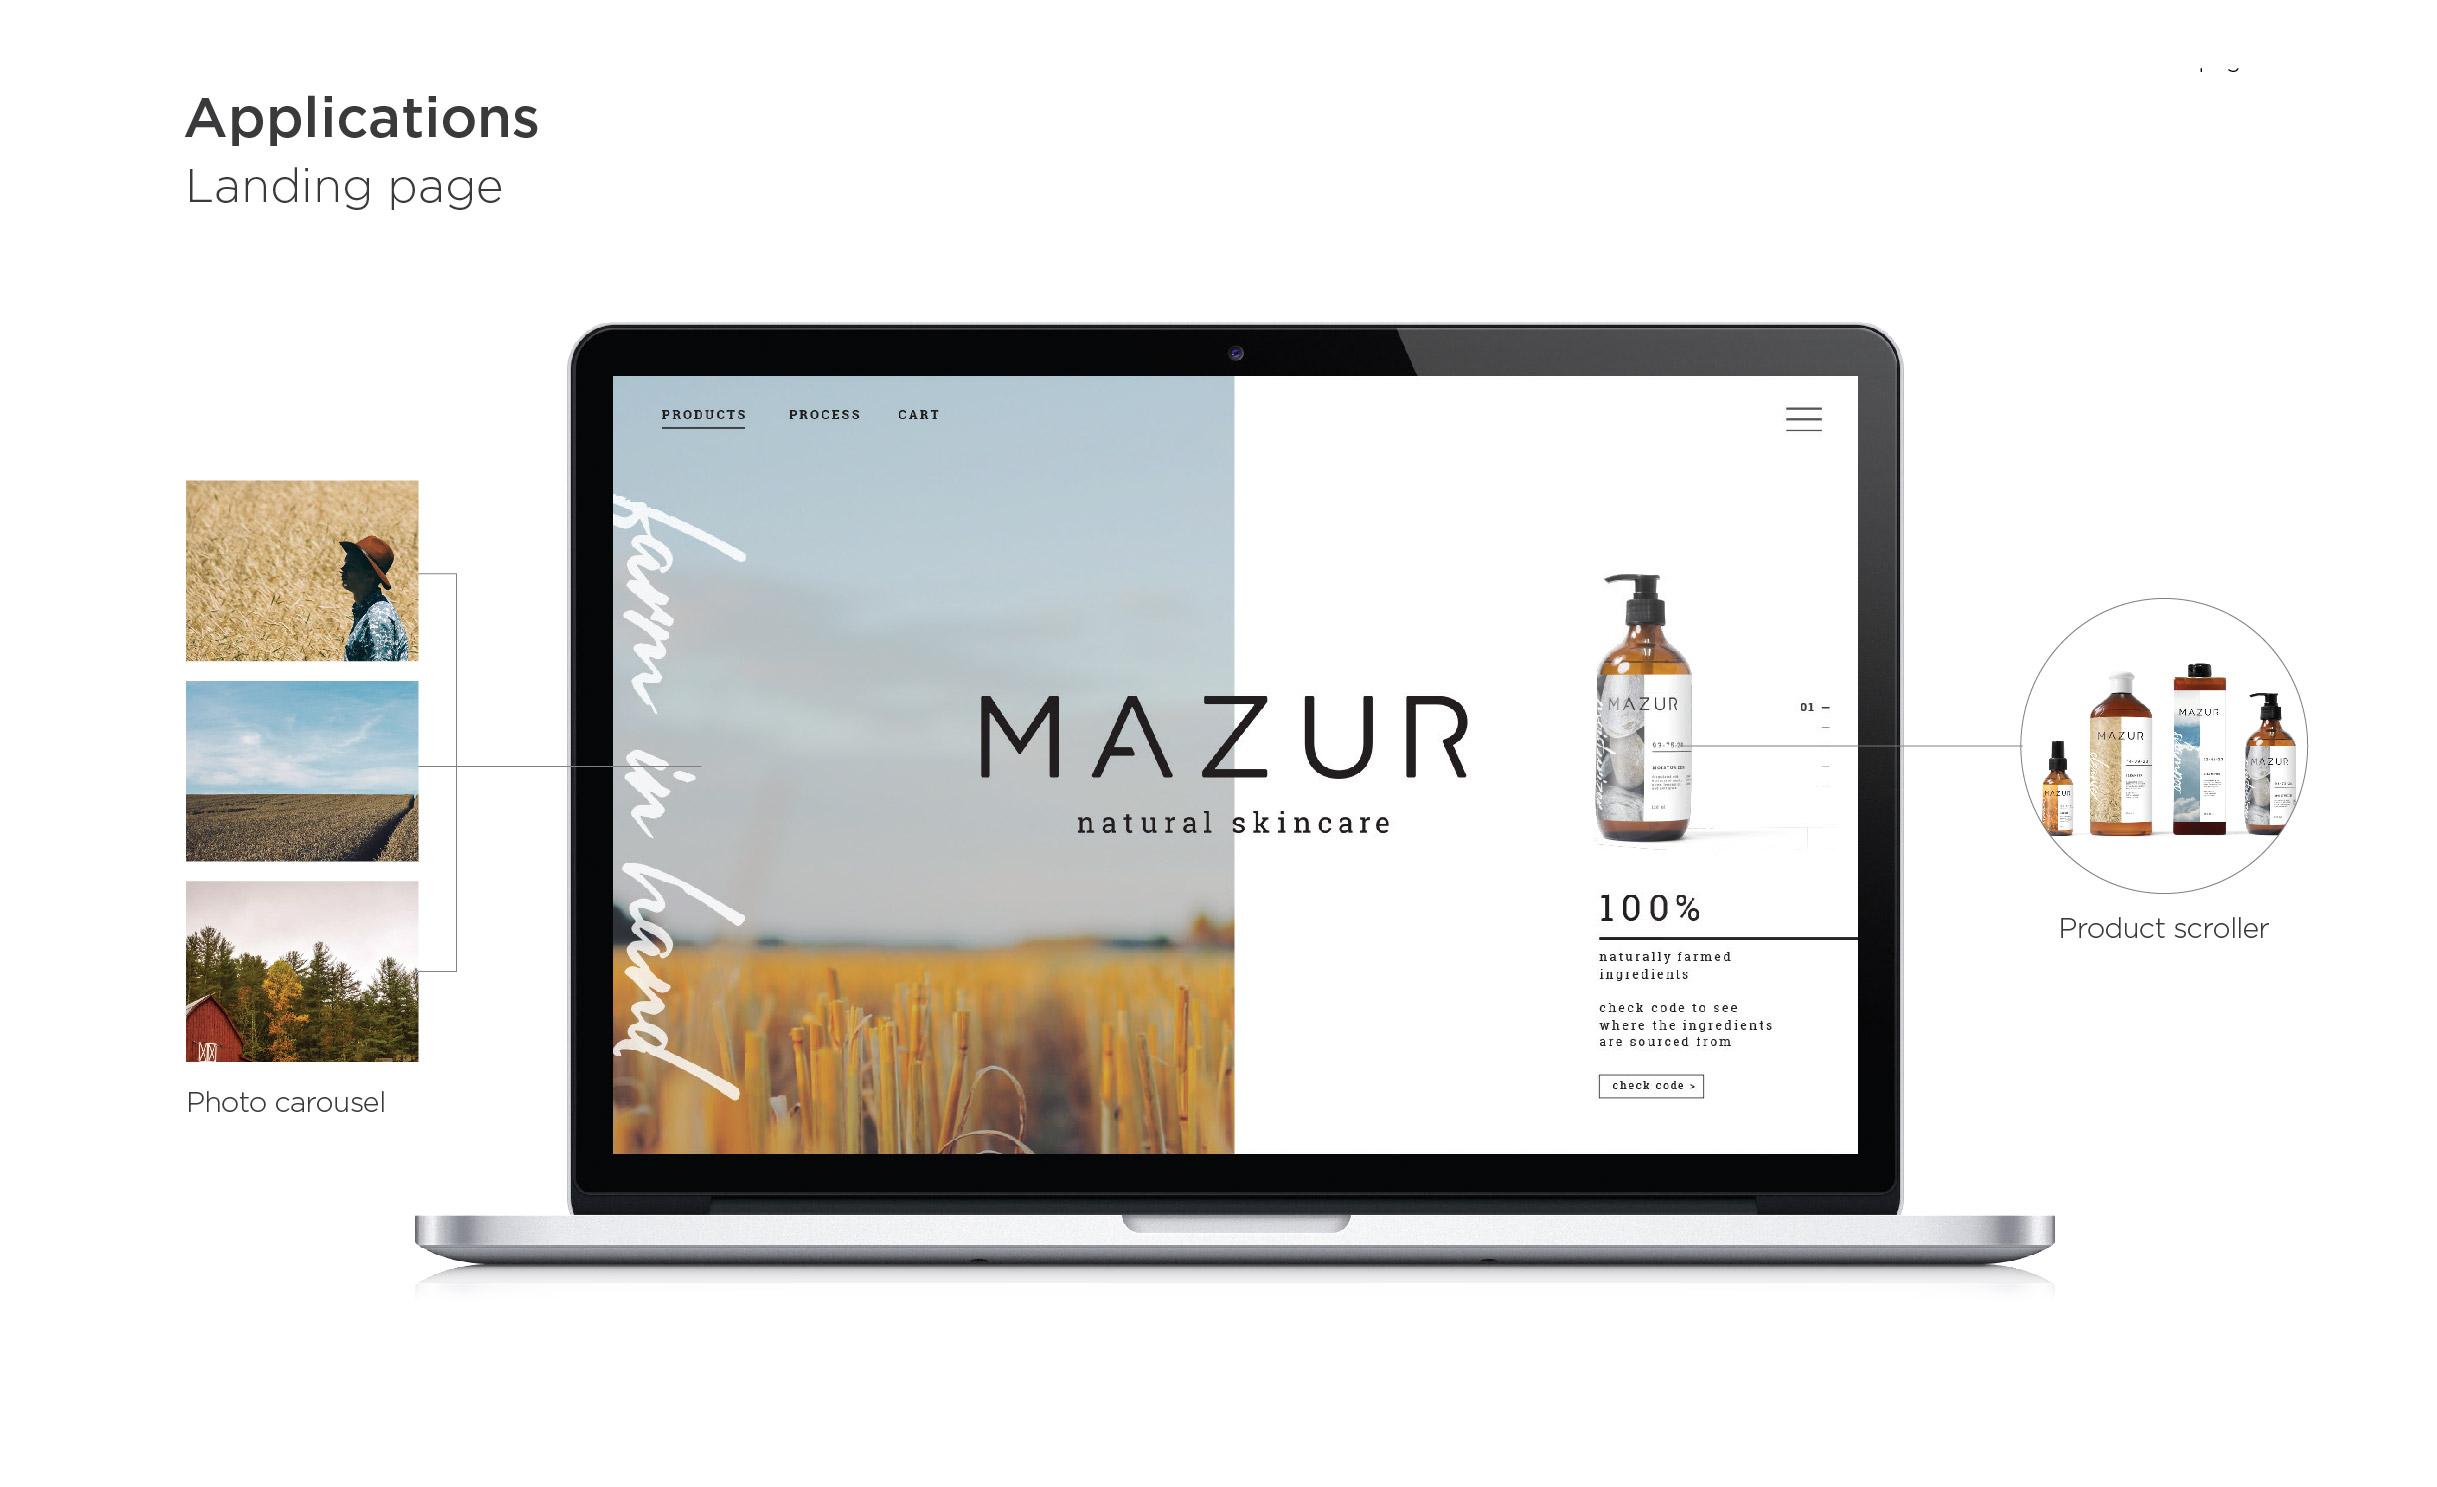 190110-mazur-upload-27